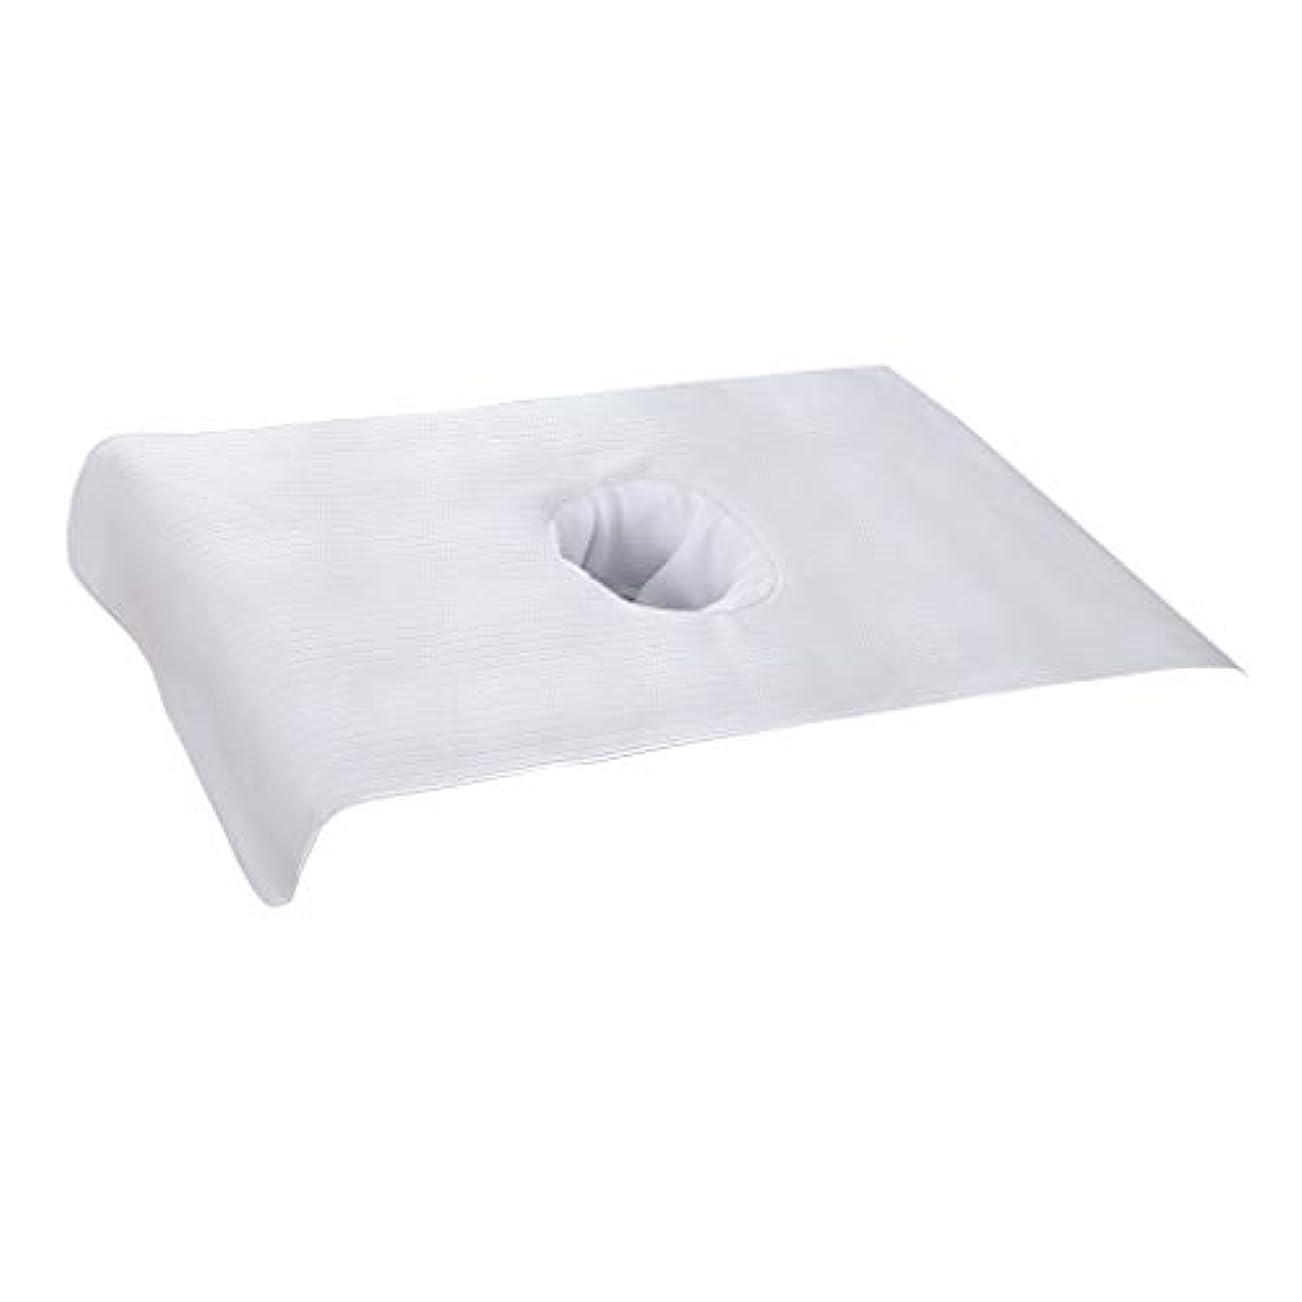 激しい幸運なことにプロトタイプ美容ベッドカバー マッサージベッドカバー 治療シーツ ポリエステル生地 高品質 - 白